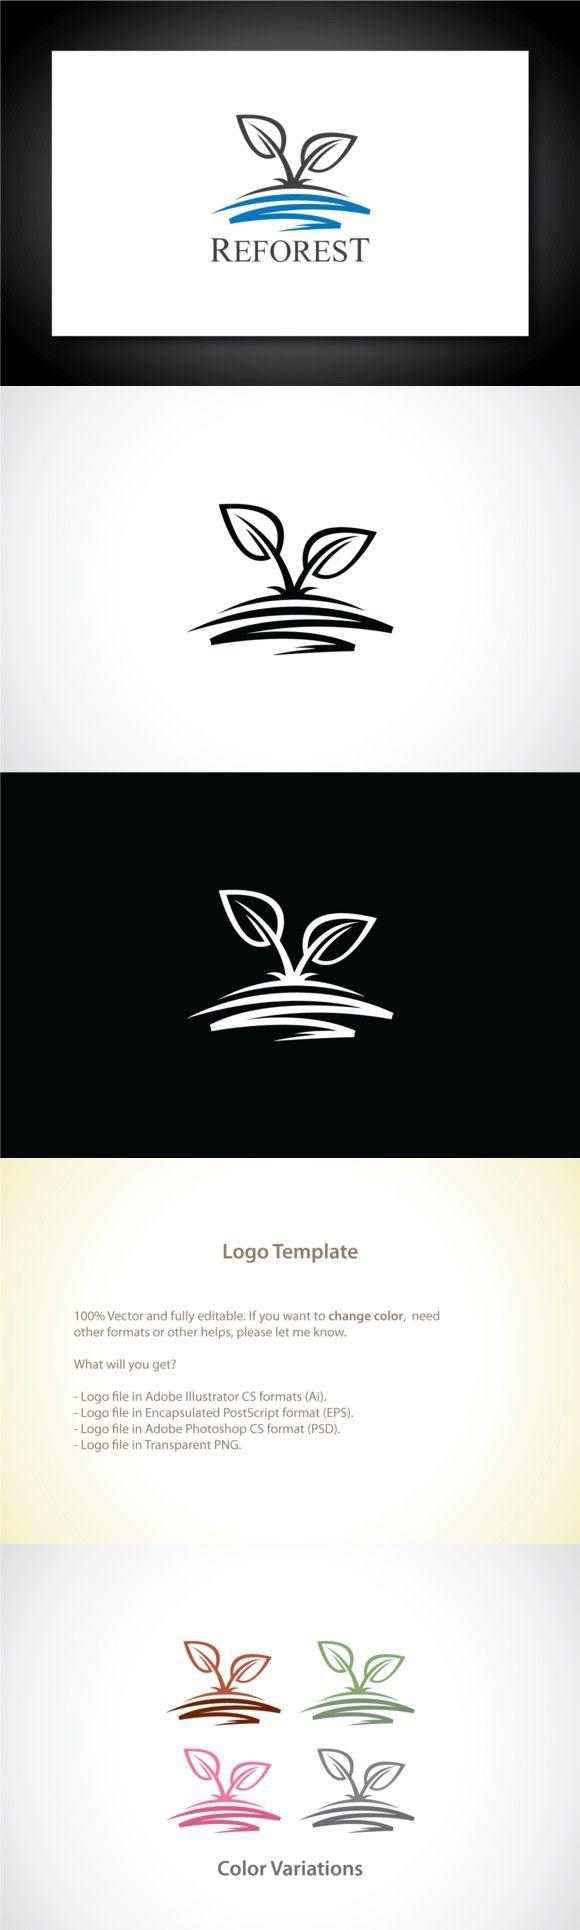 Reforest Leaf Logo Template | Tierra y Logotipos